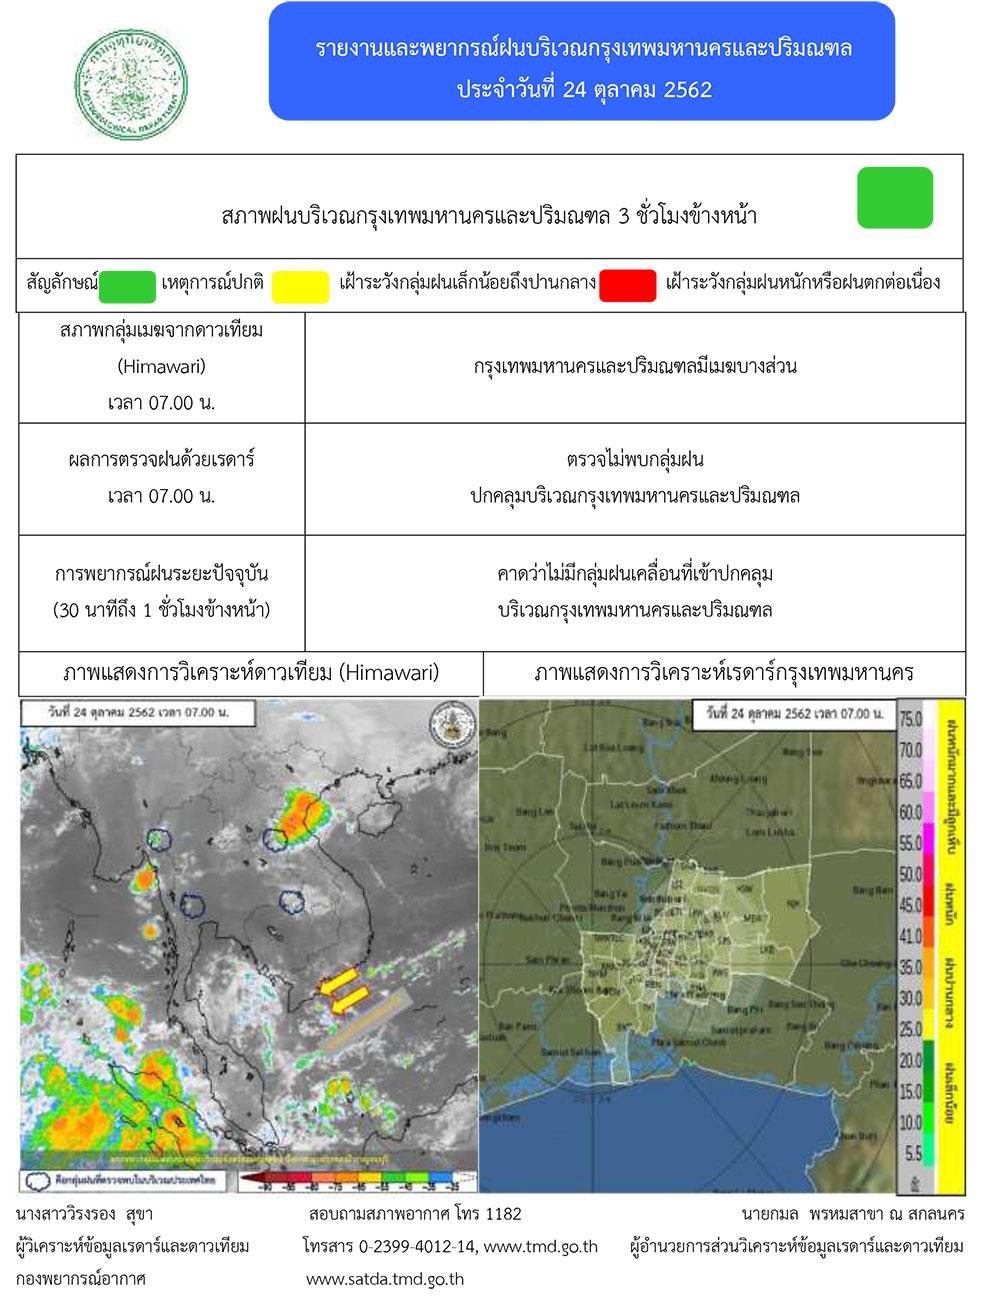 รายงานพยากรณ์อากาศ ประจำวันที่ 24 ตุลาคม 2562